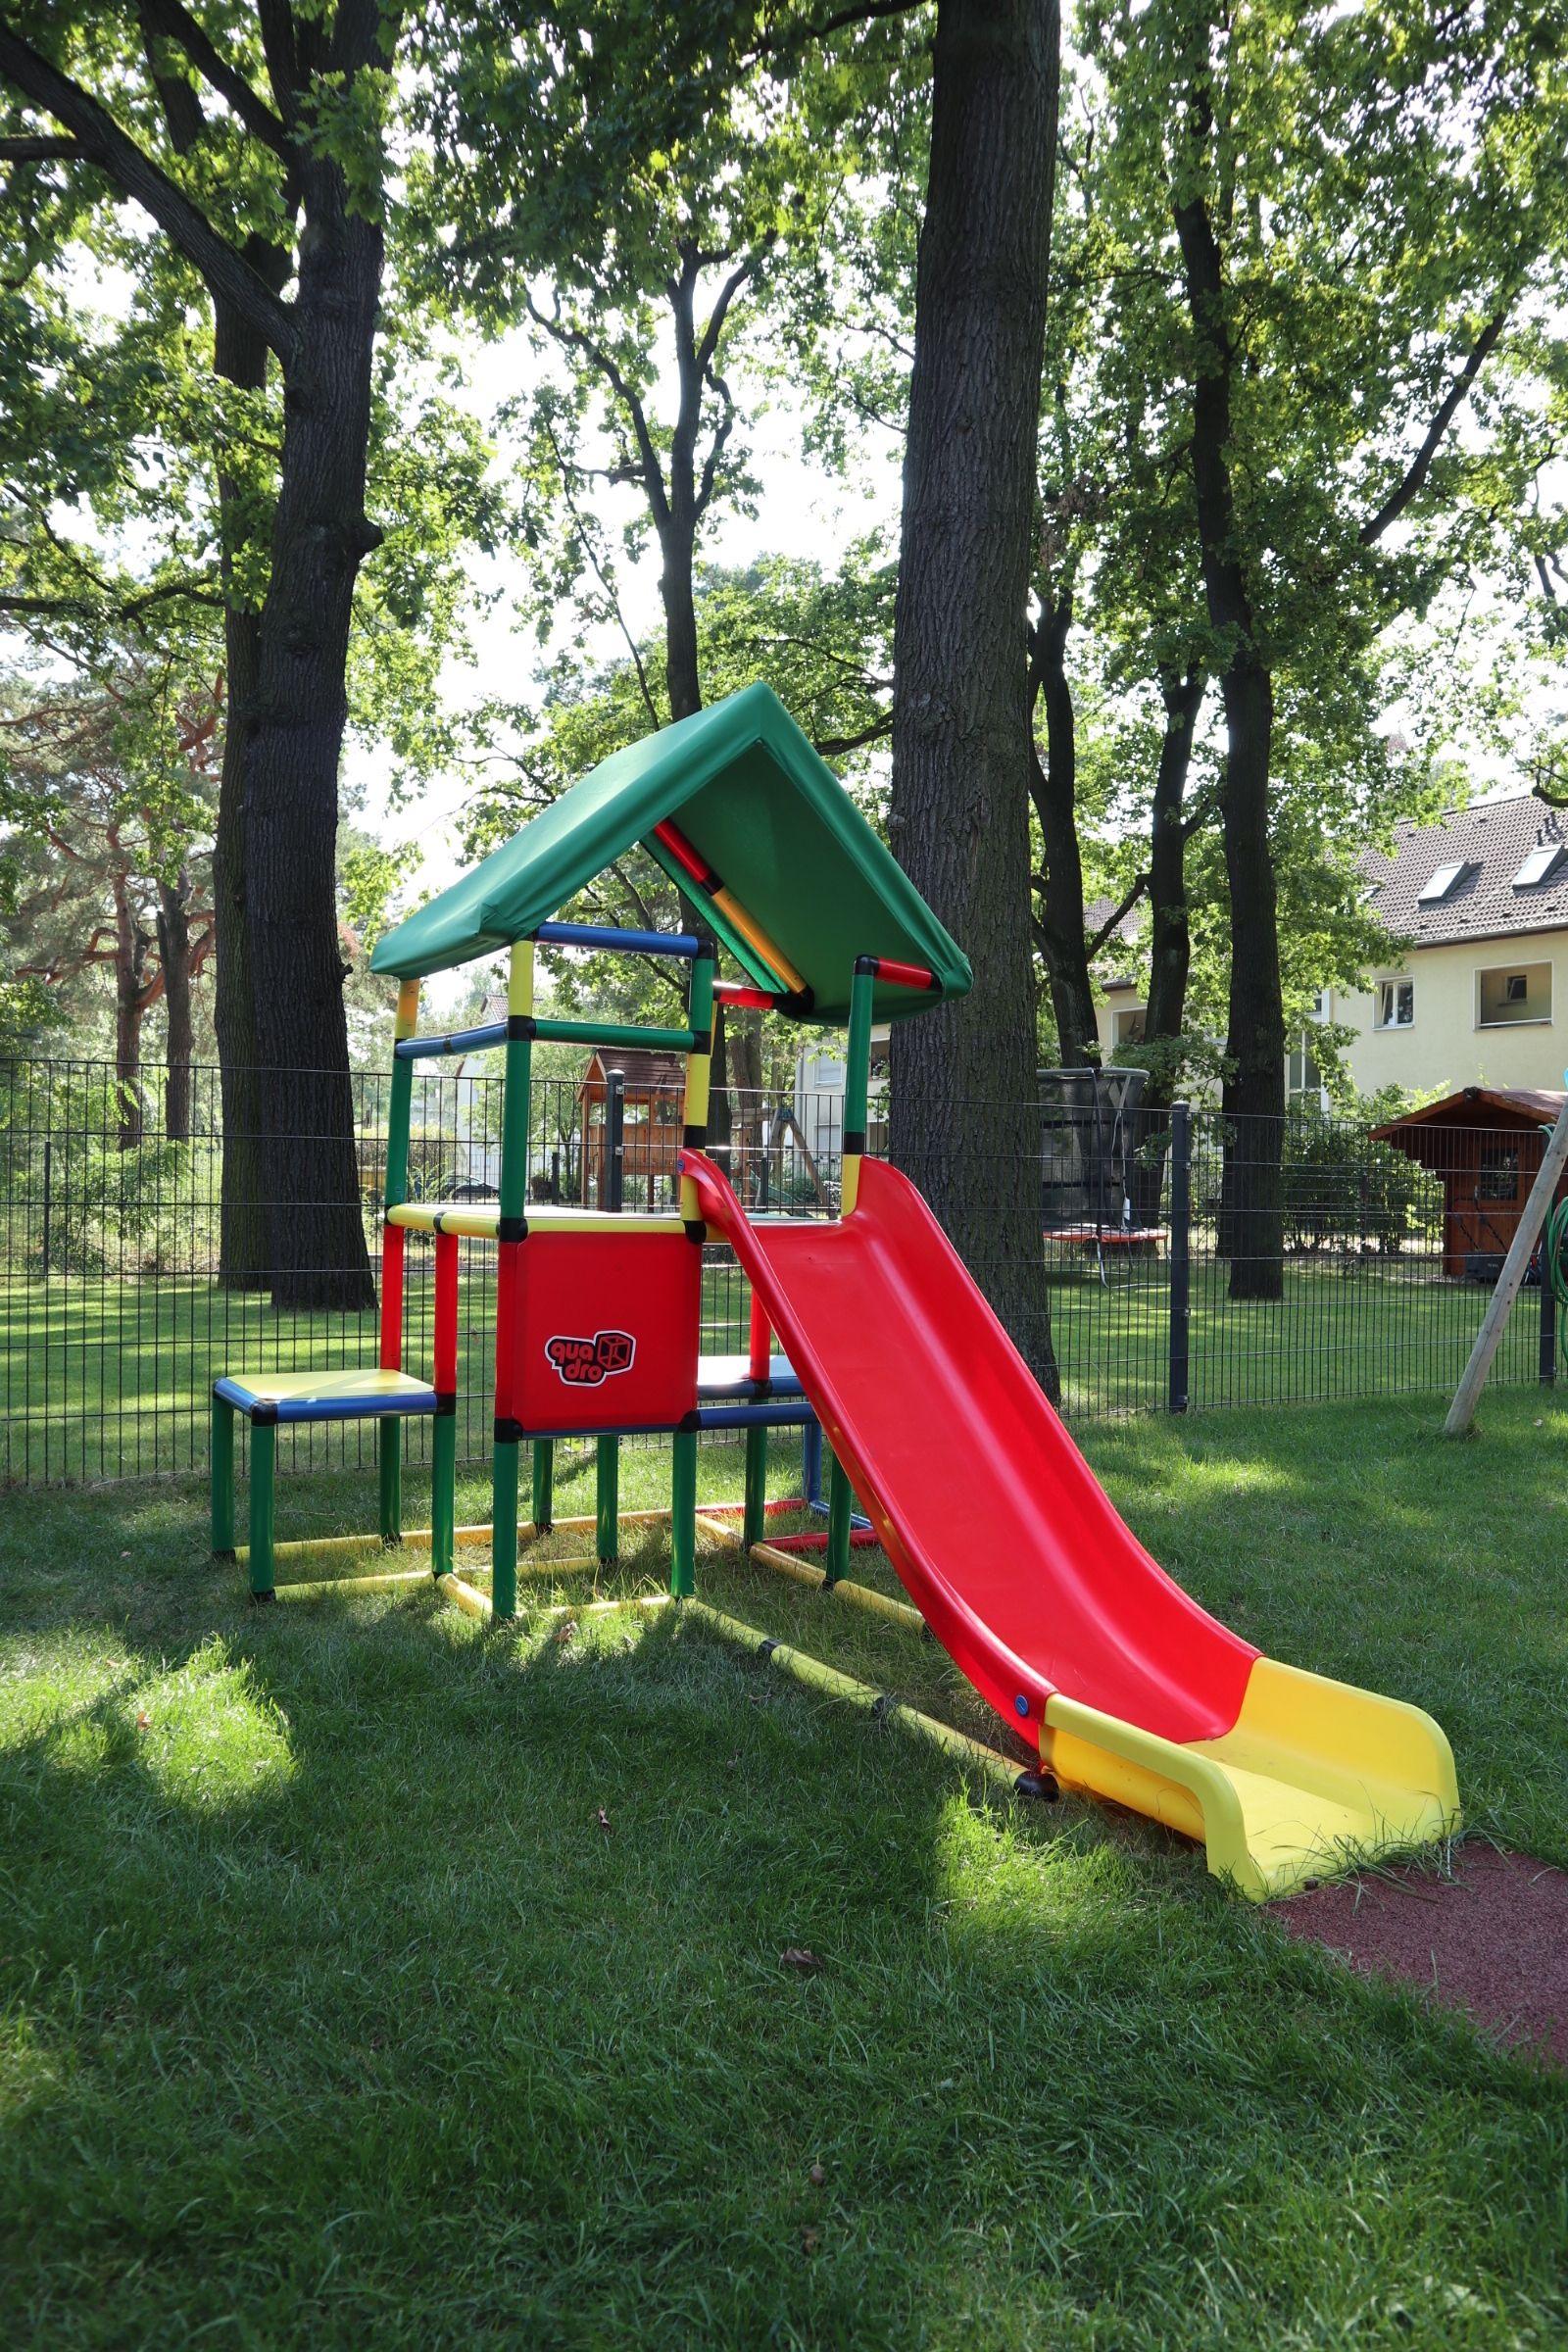 Full Size of Das System Von Quadro Ist Einfach Perfekt Je Nach Bedarf Knnen Klettergerüst Garten Wohnzimmer Quadro Klettergerüst